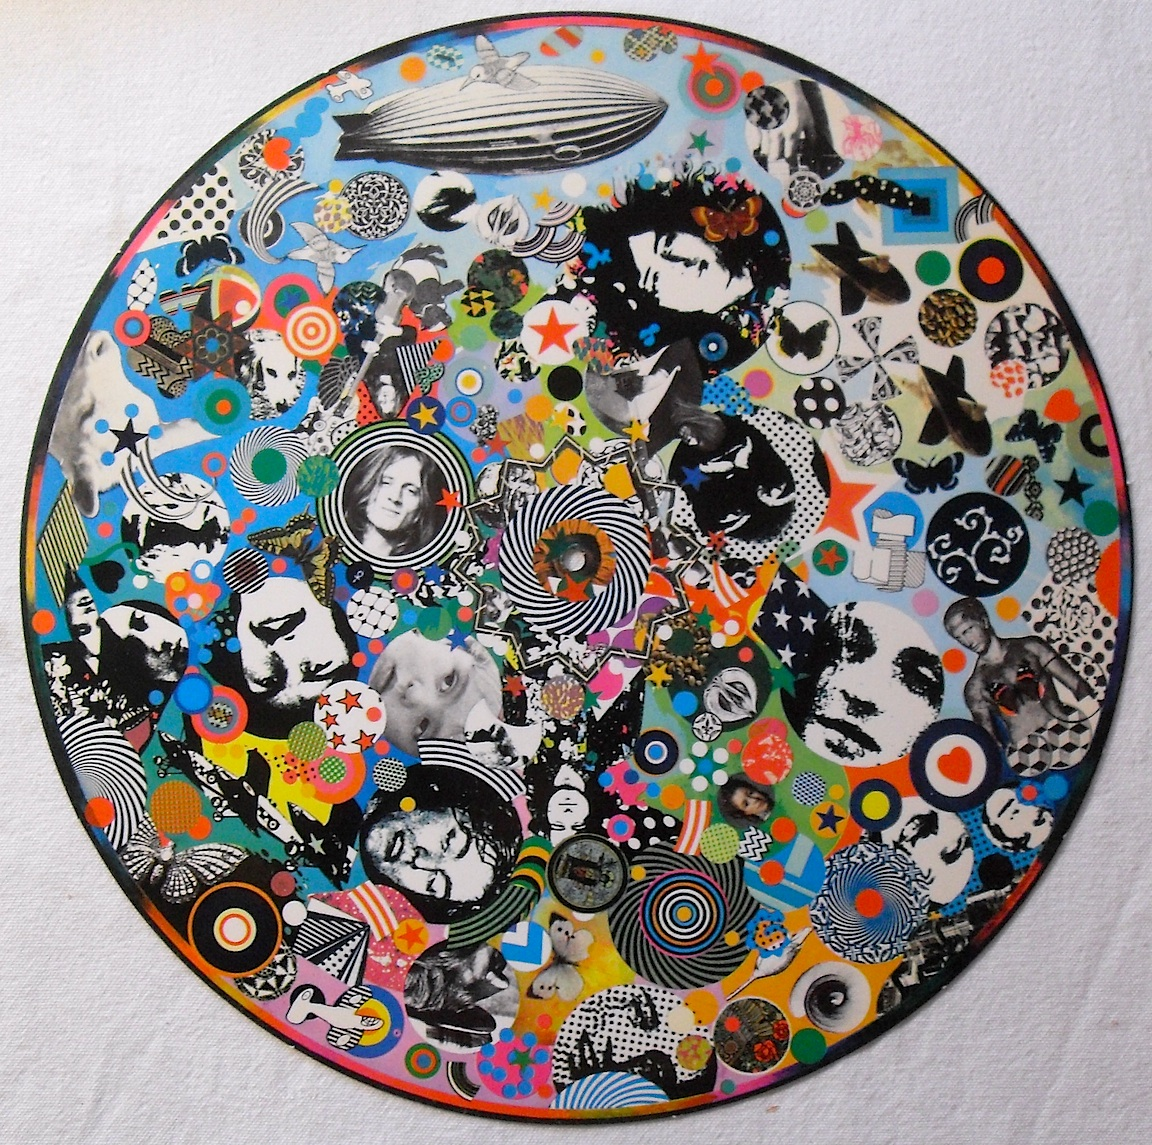 Arts Koolda Image Vinyl Therapy 1970 Led Zeppelin Iii